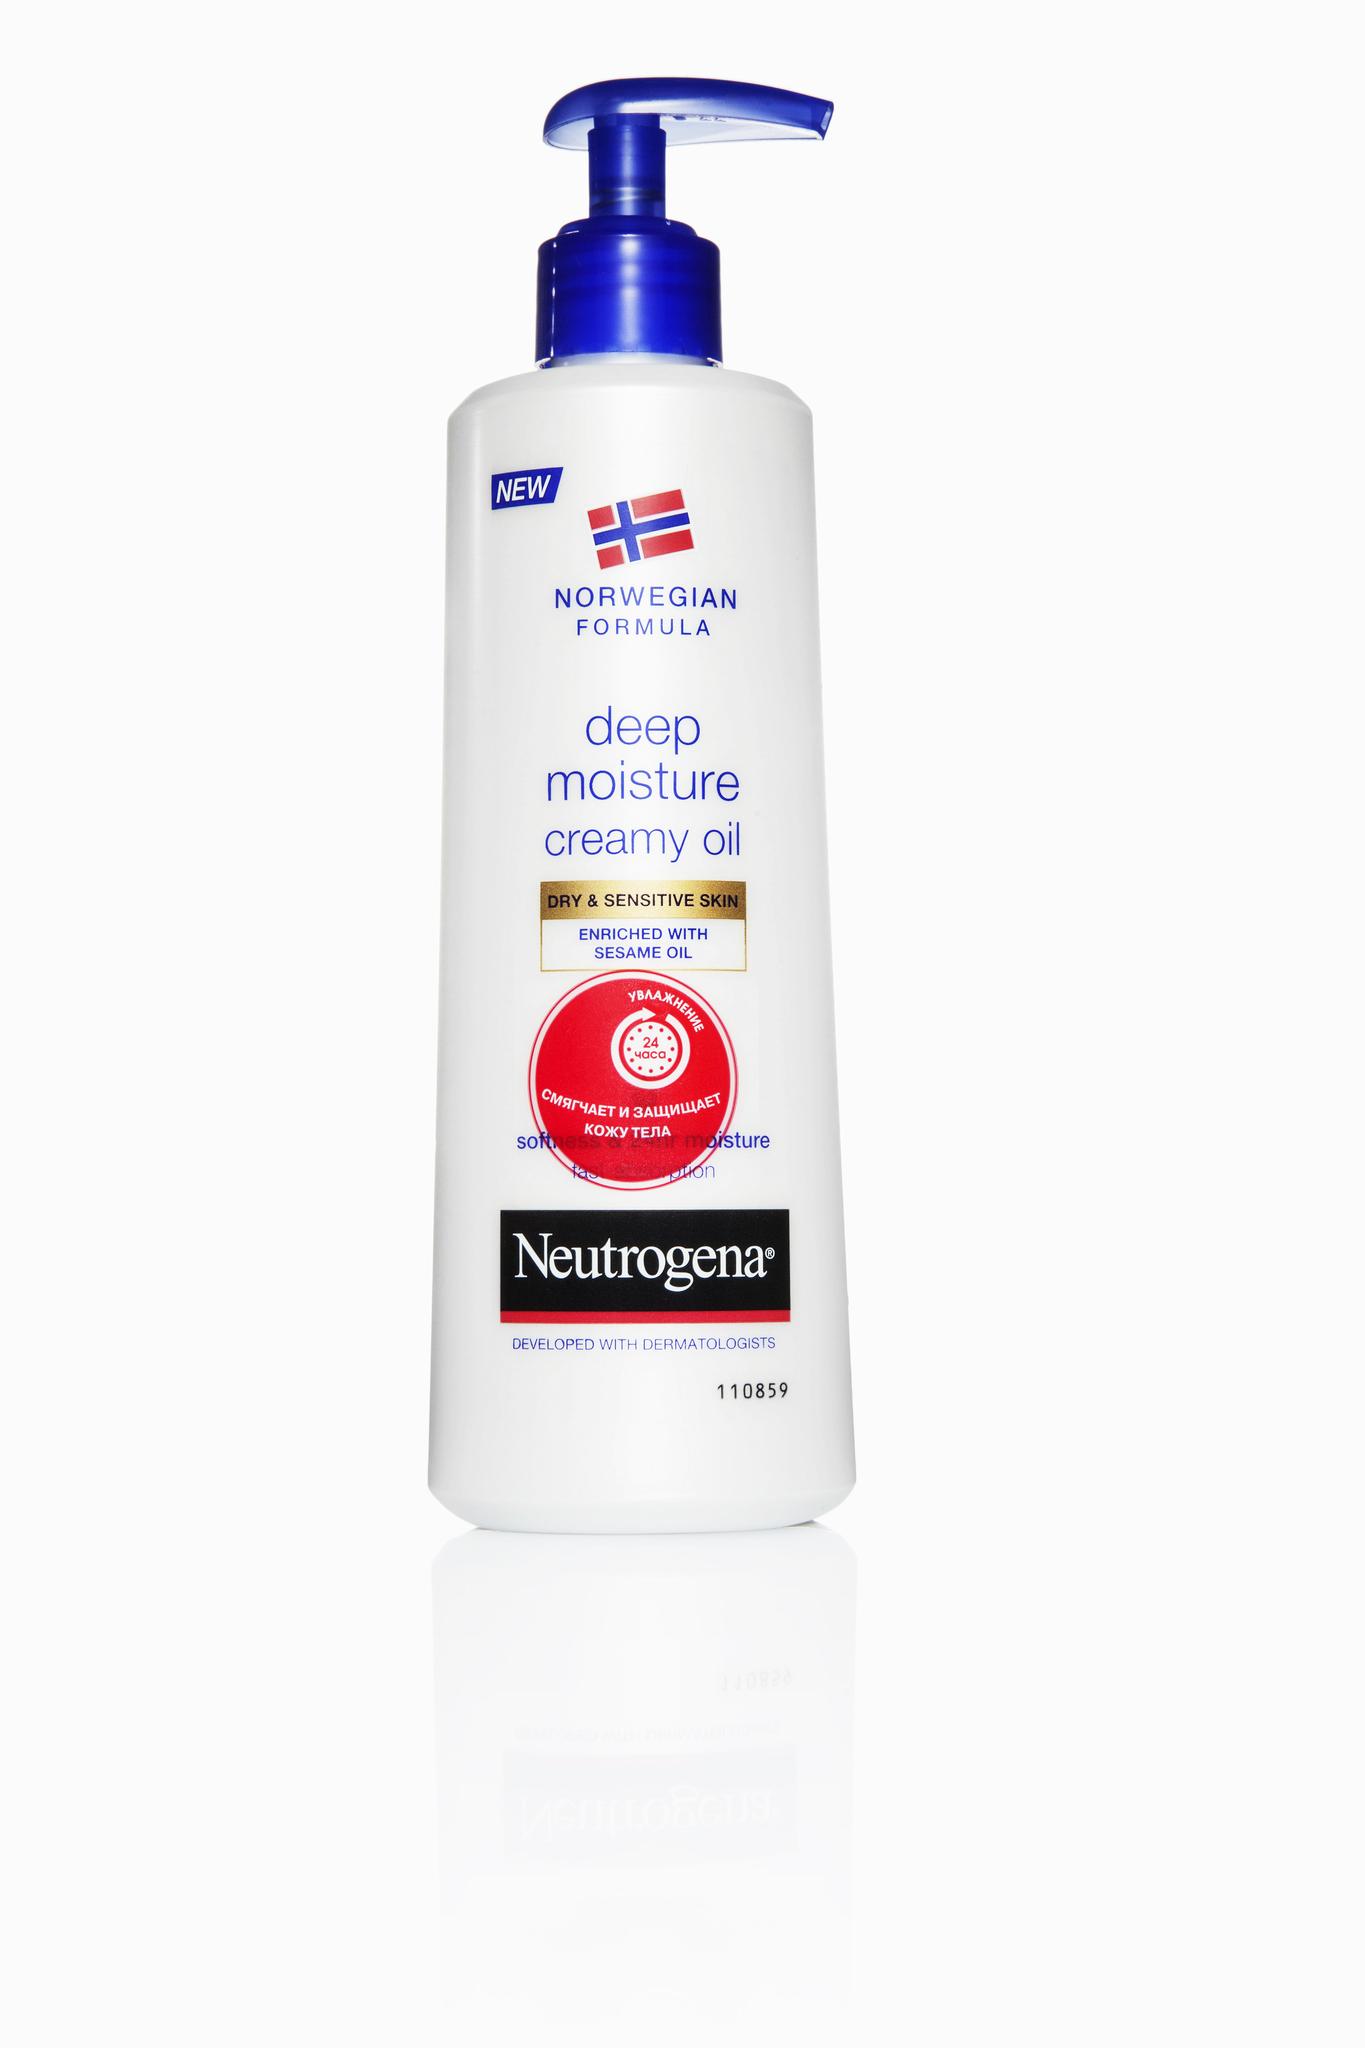 Neutrogena крем-масло для сухой и чувствительной кожи 250 мл.